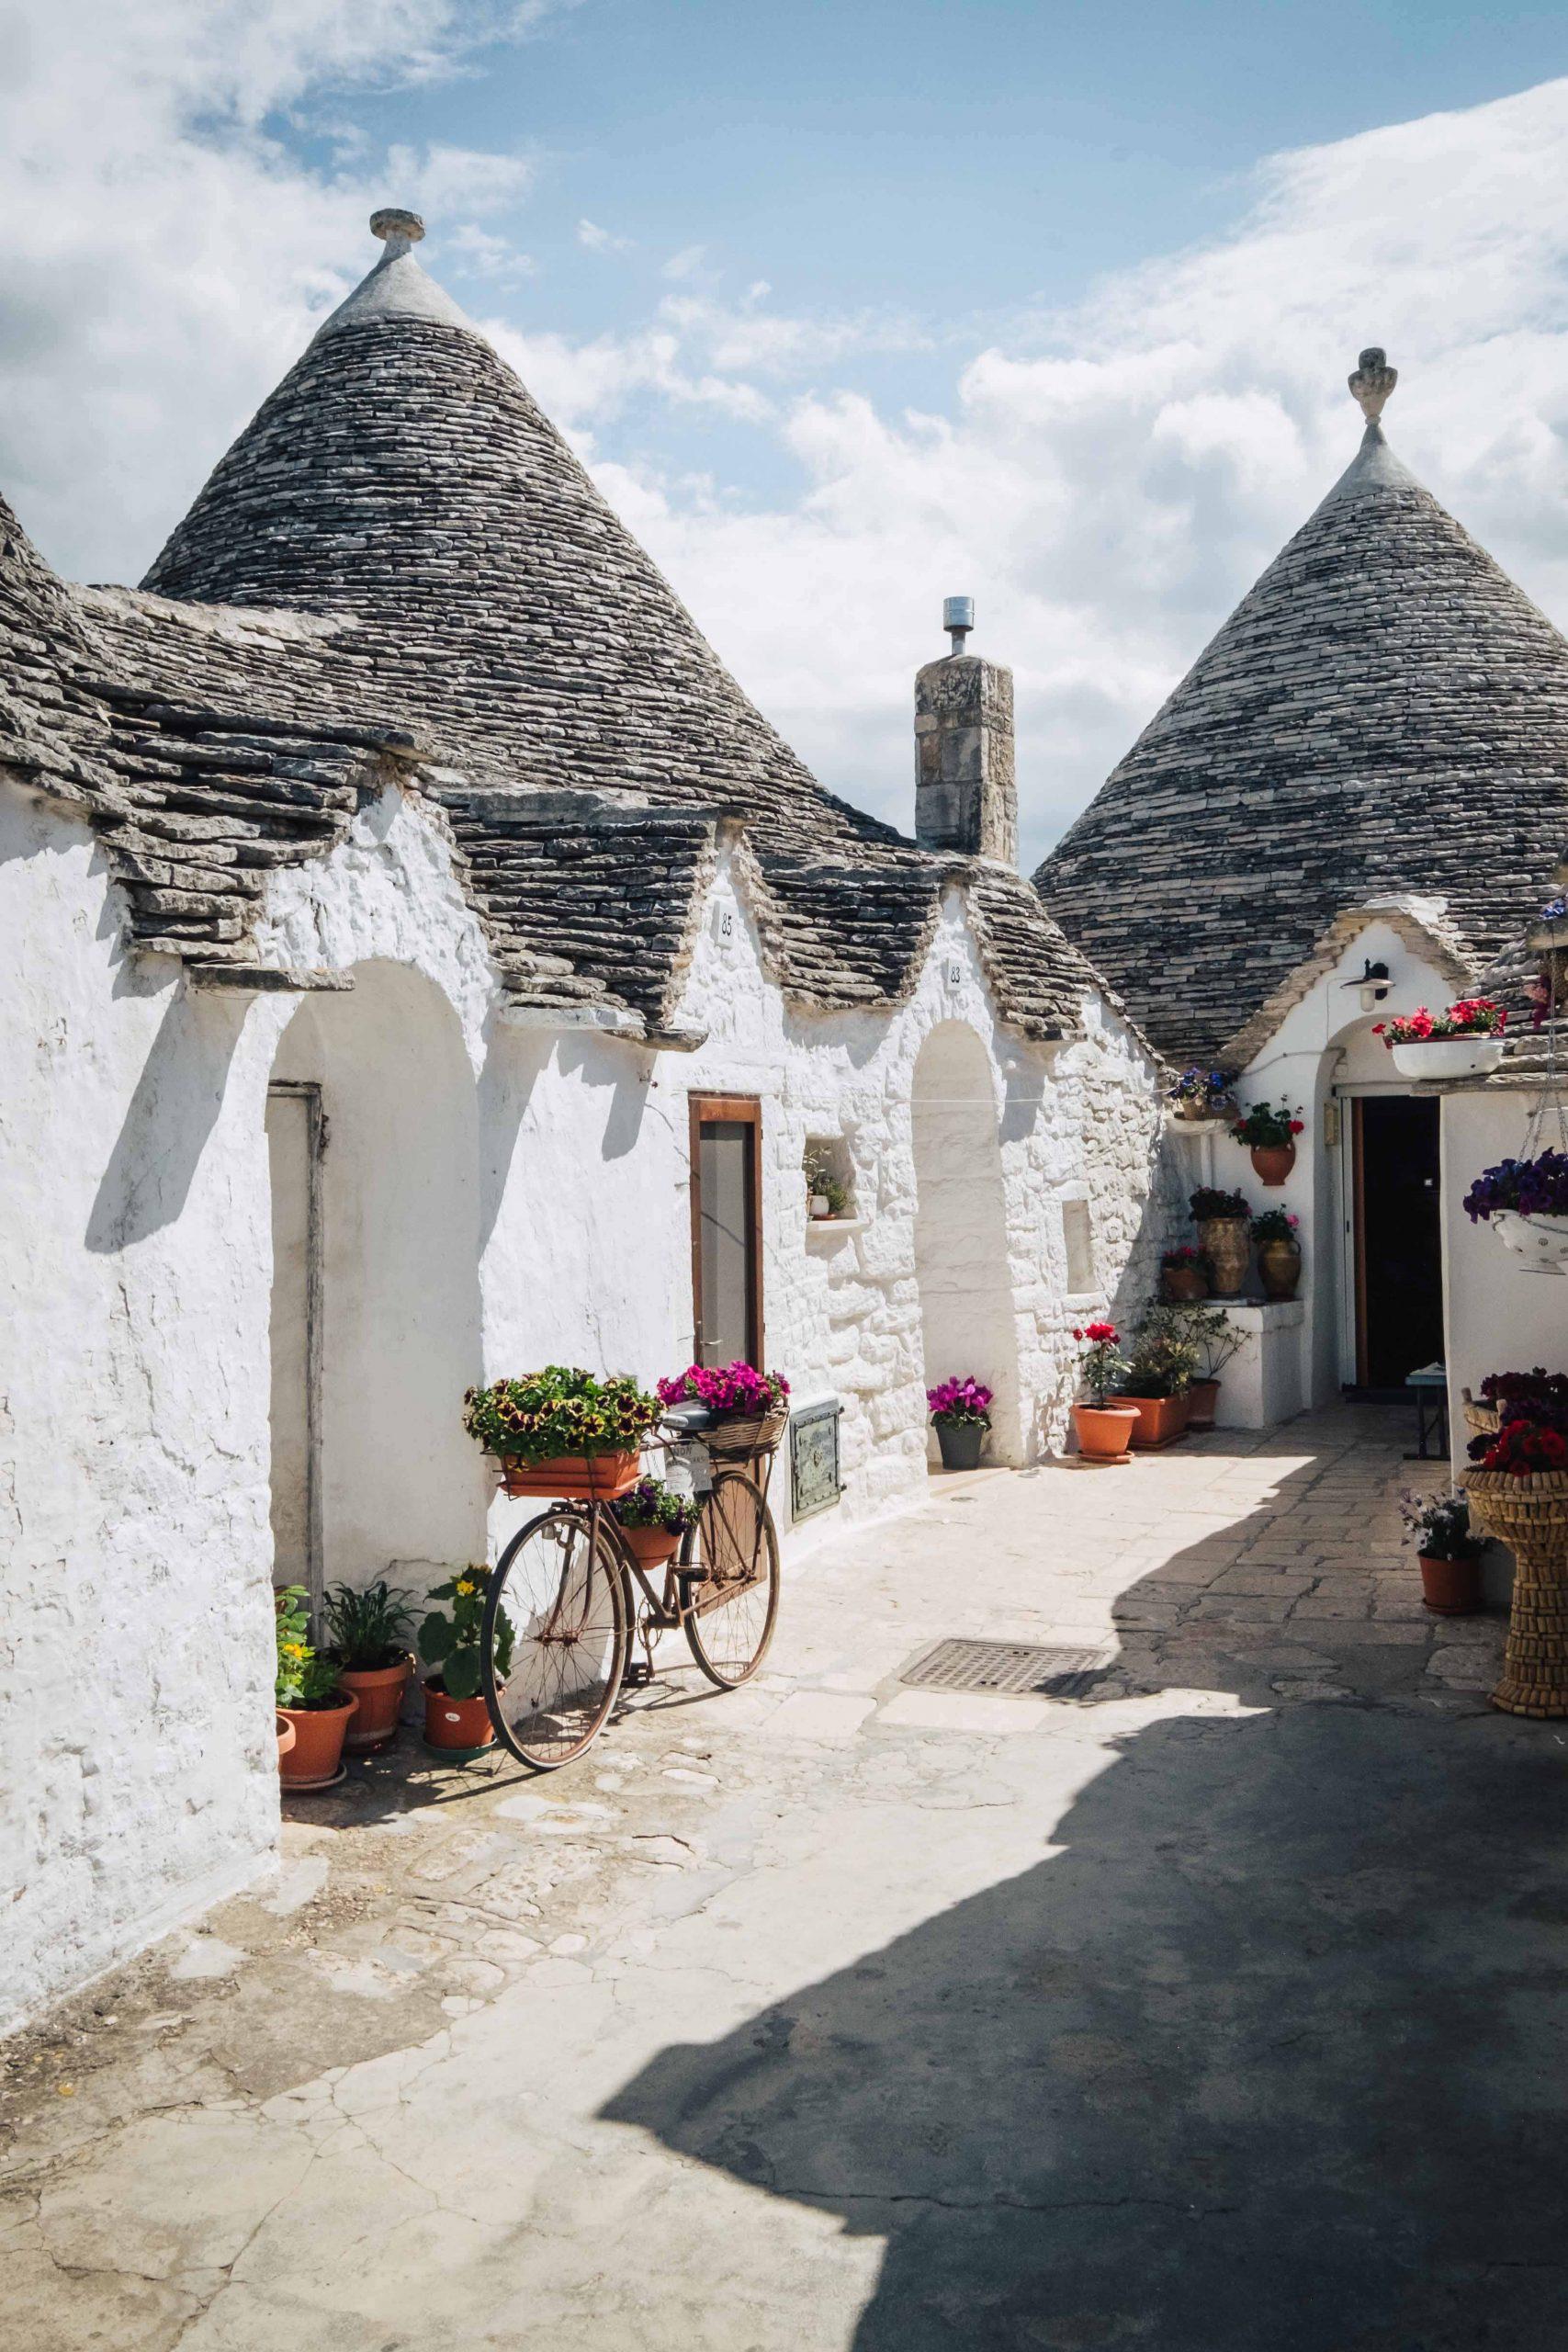 Trulli houses in Rione Aia Piccola, part of the Unesco Heritage Site of Alberobello in Valle d'Itria   A 7-day Road Trip Through Puglia   Mondomulia